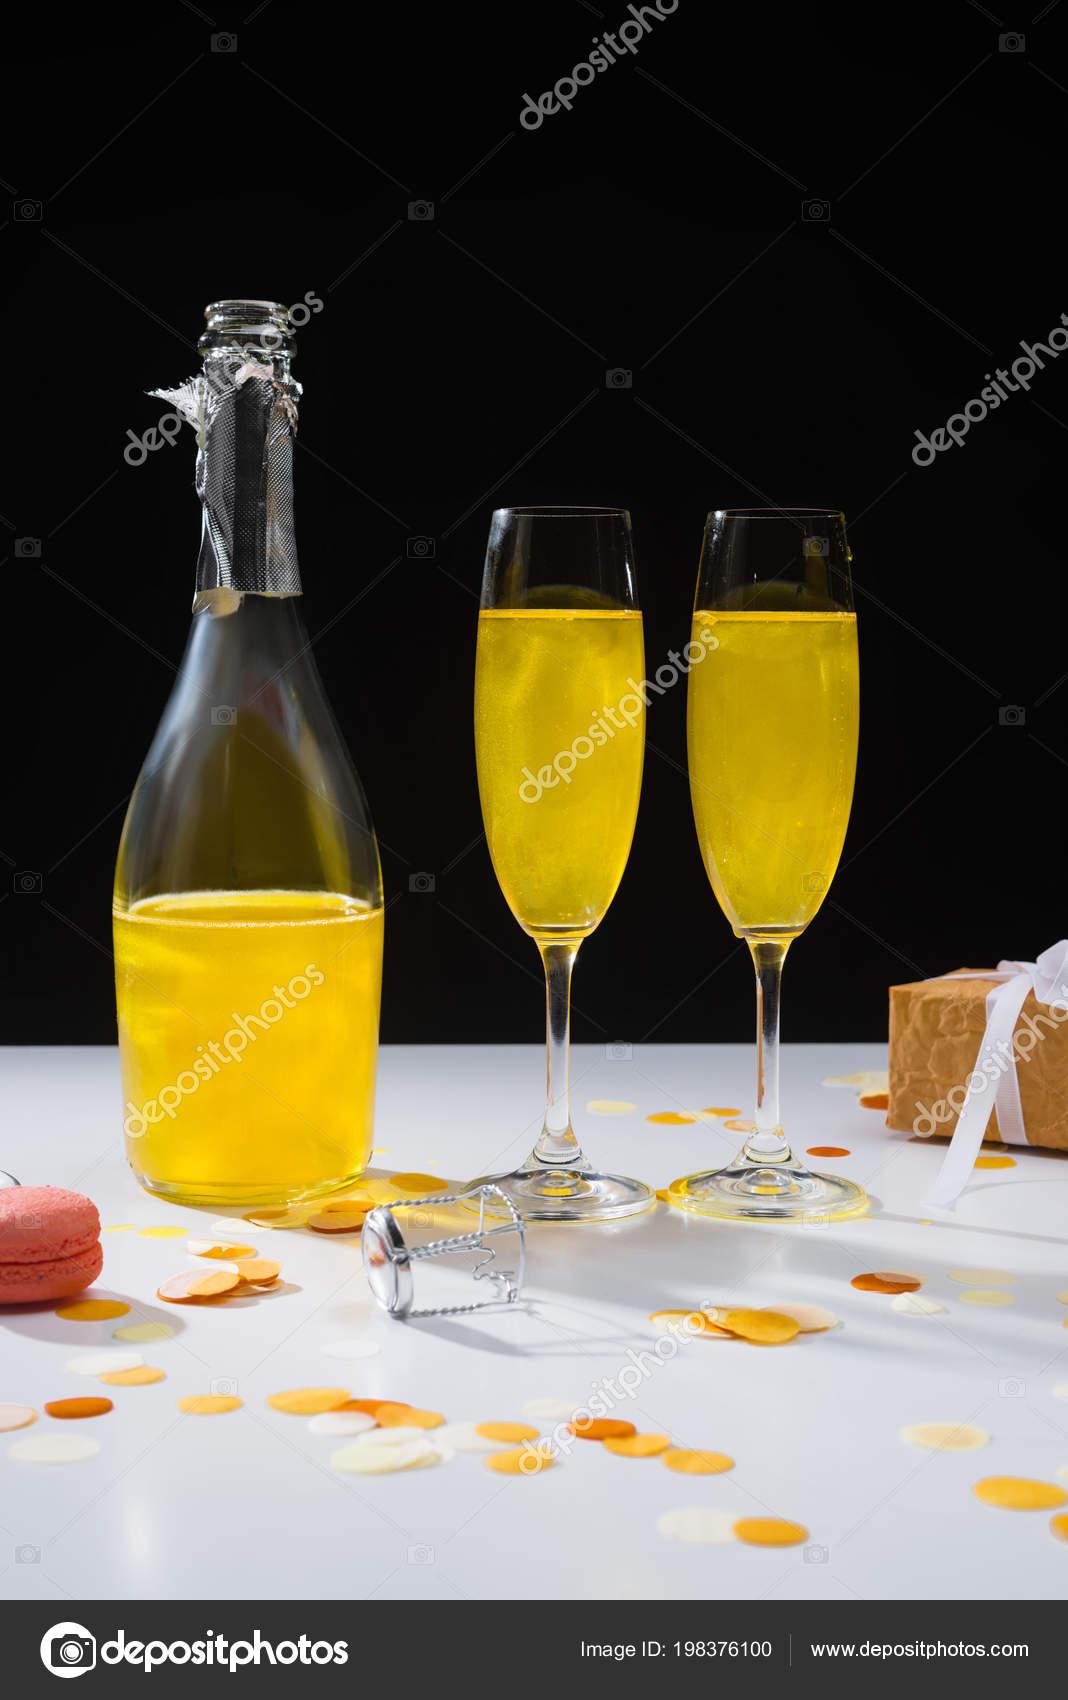 prosmotr-video-razeb-ochka-butilkoy-shampanskogo